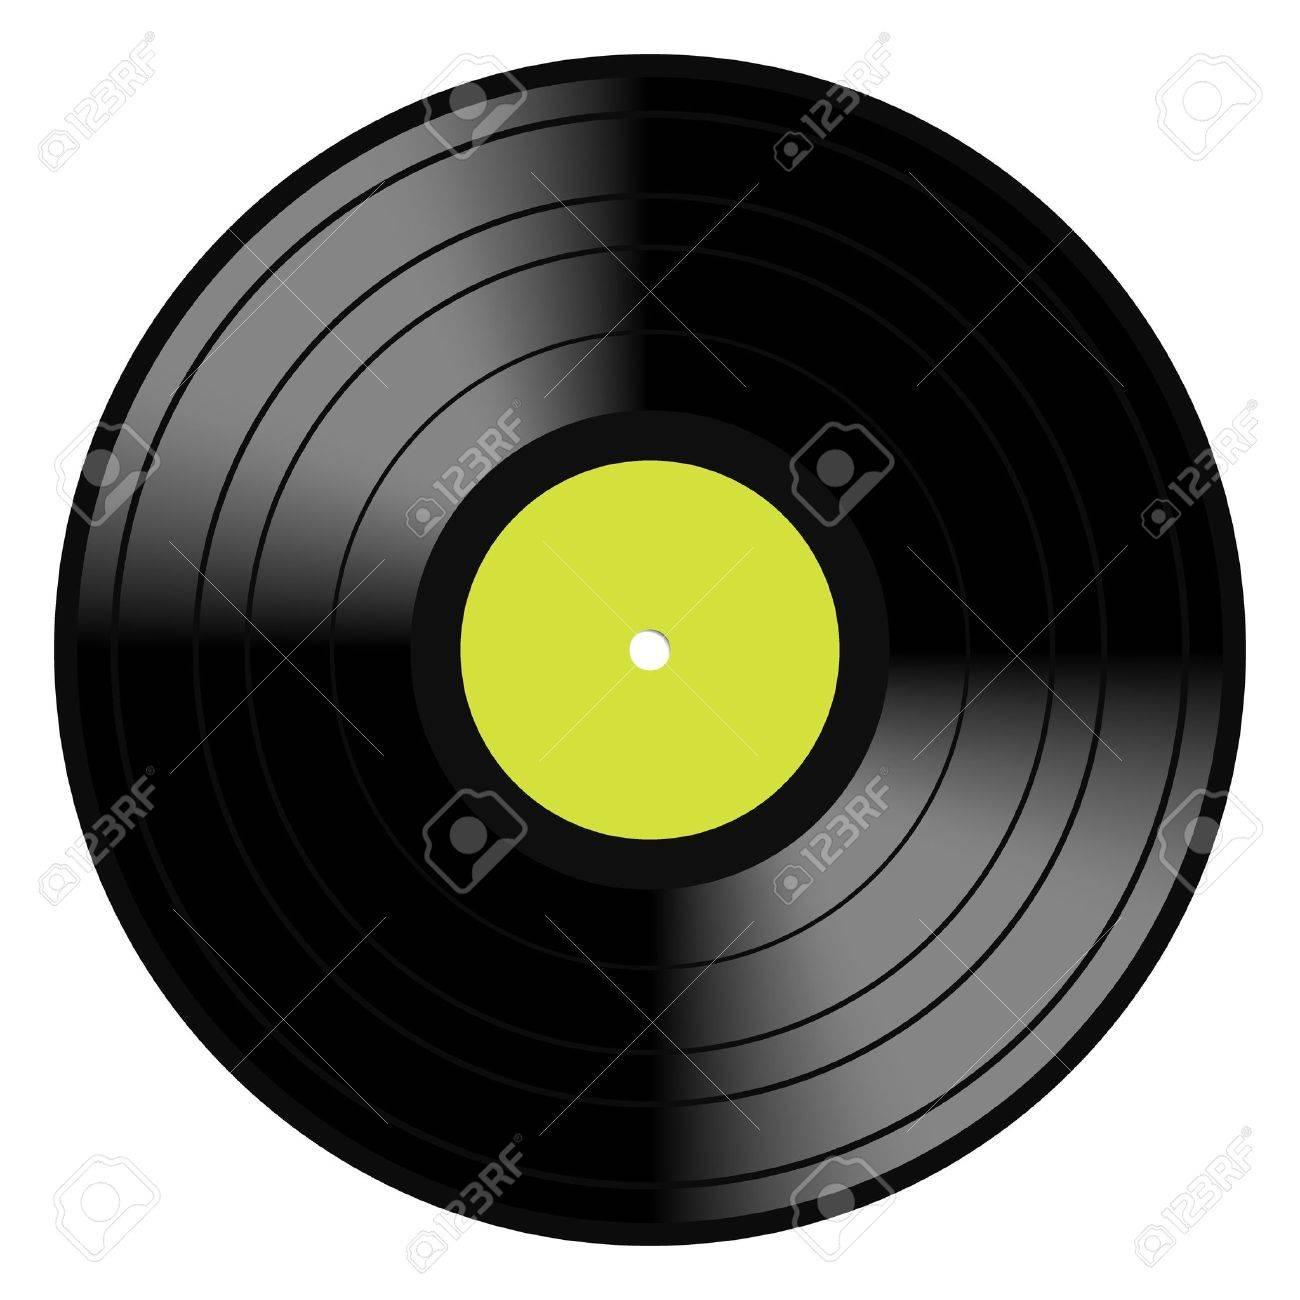 Imagen Vectorial De Una época Y Analógica Disco LP 33 RPM Disco De ...